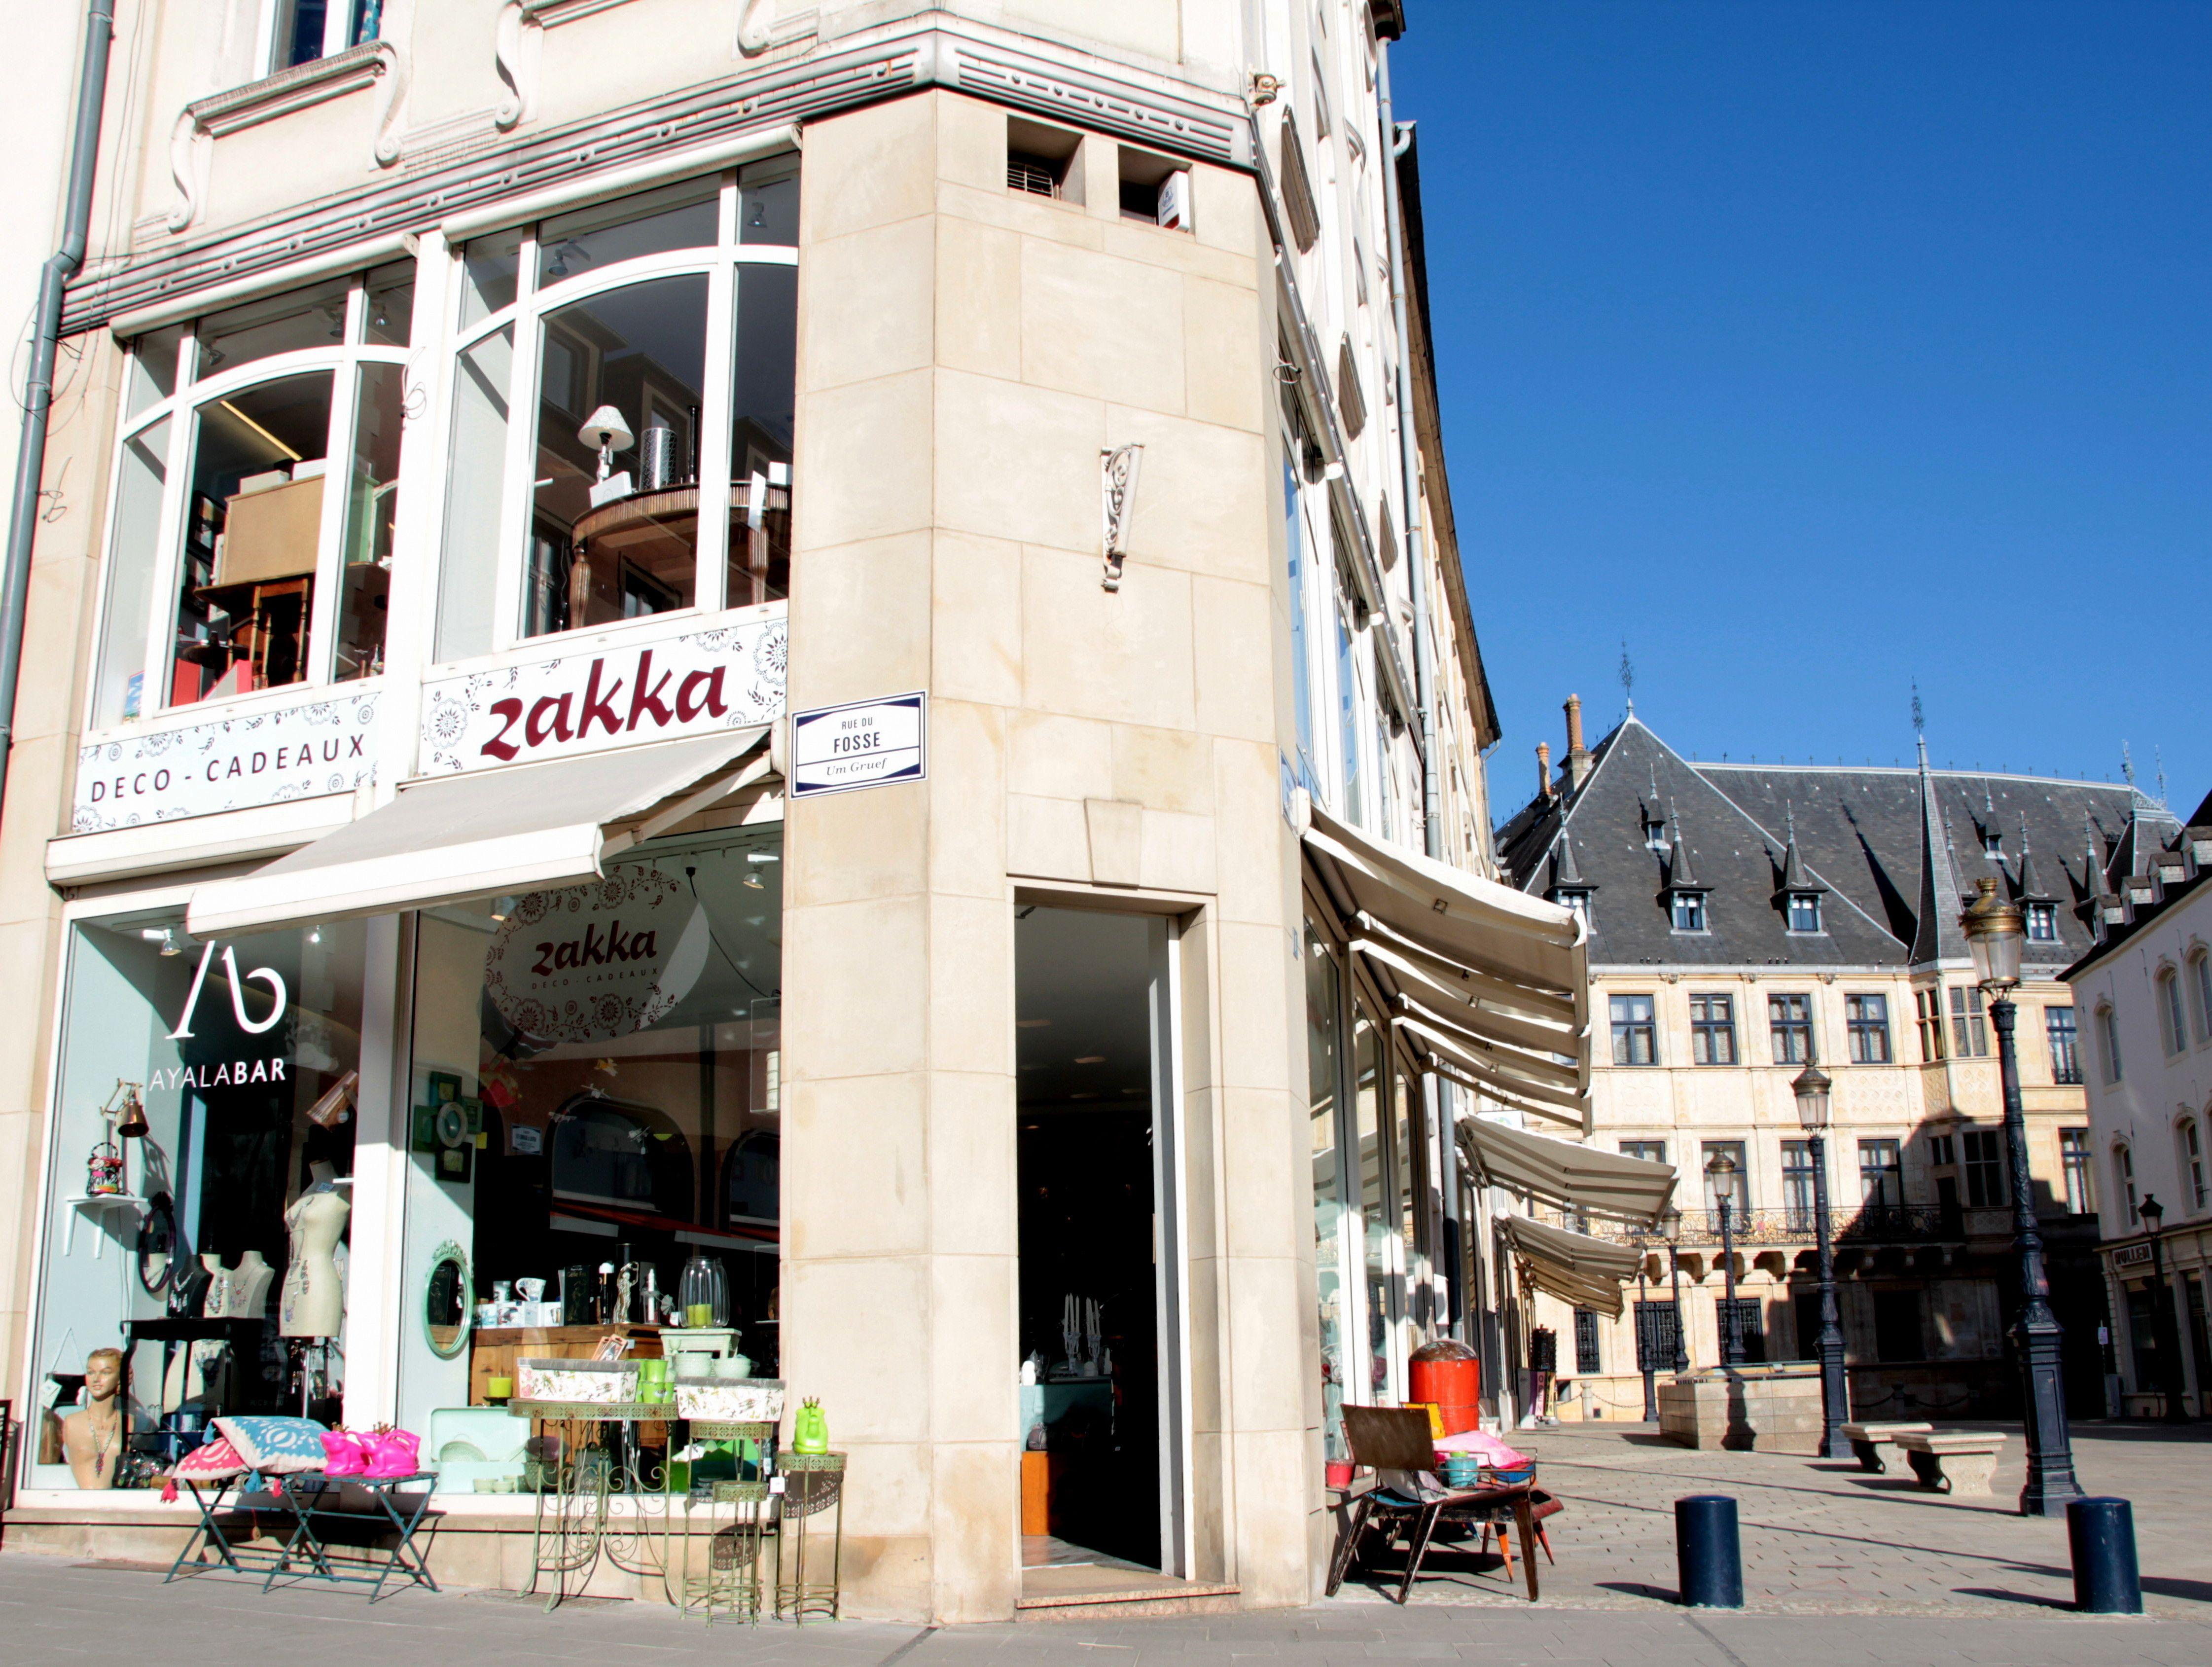 Rue De La Deco zakka - 1 rue de la reine / luxembourg city   house styles